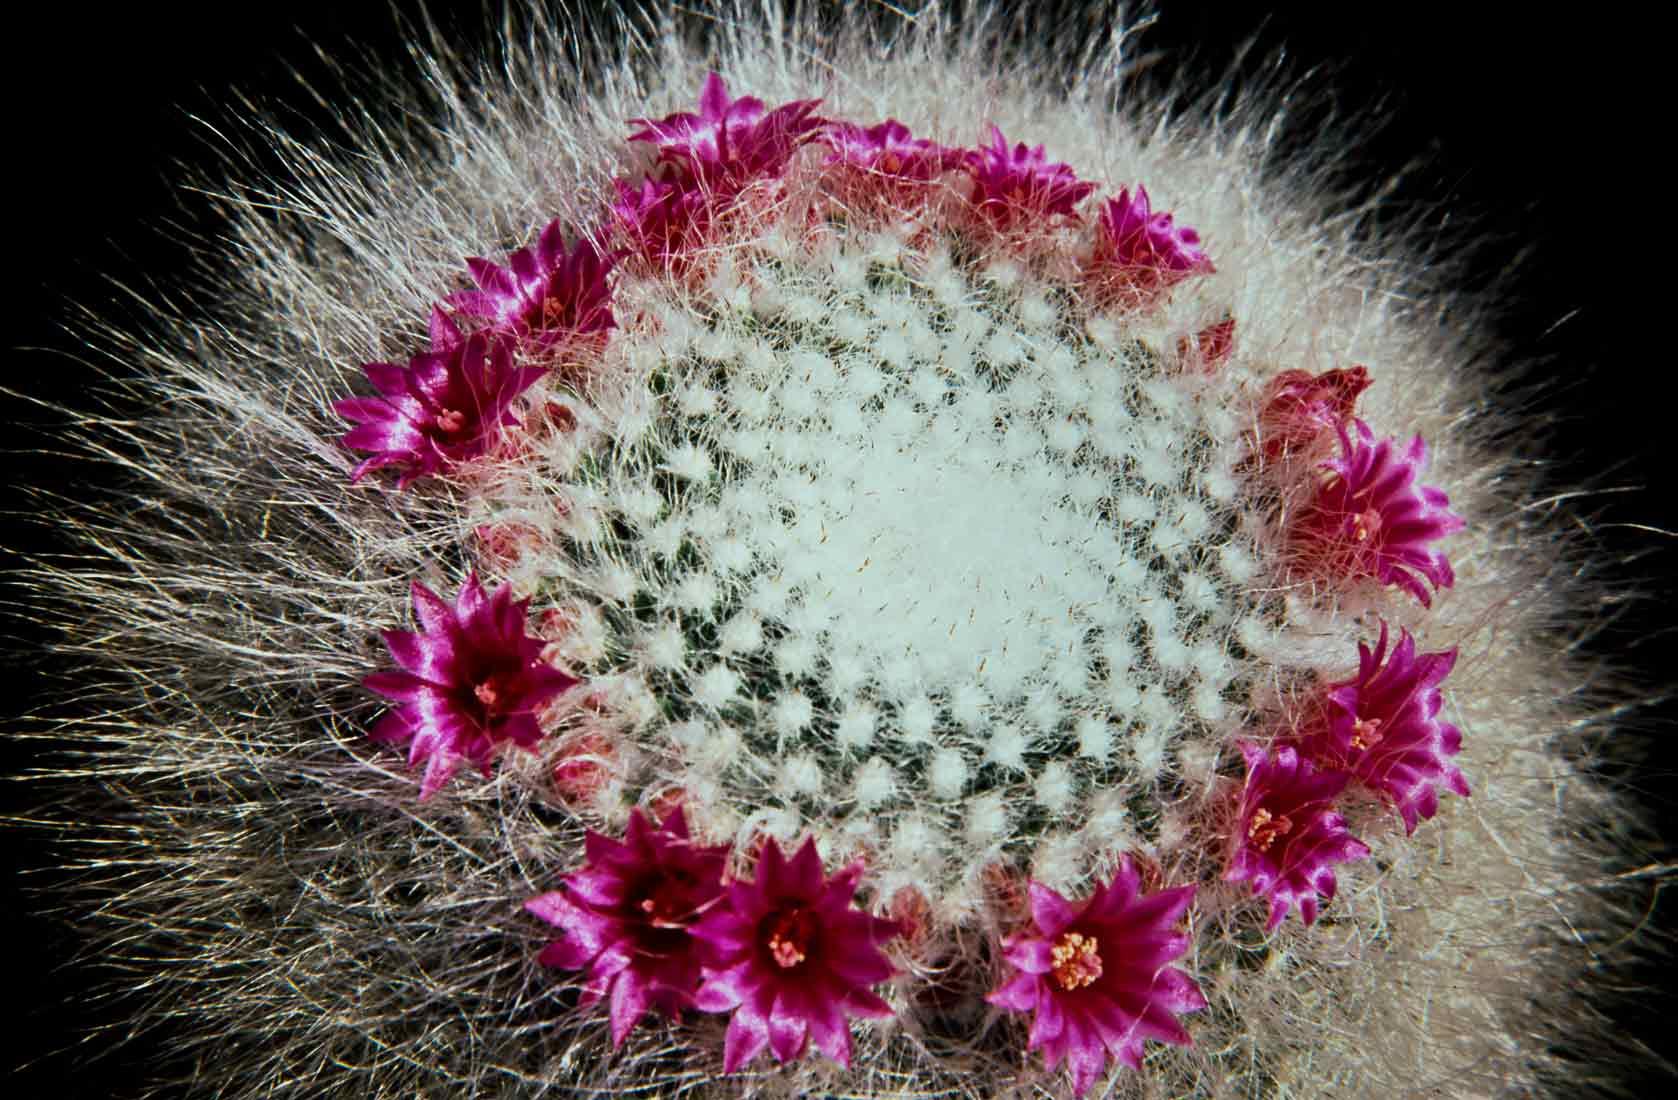 Mammillaria-hahniana-1989